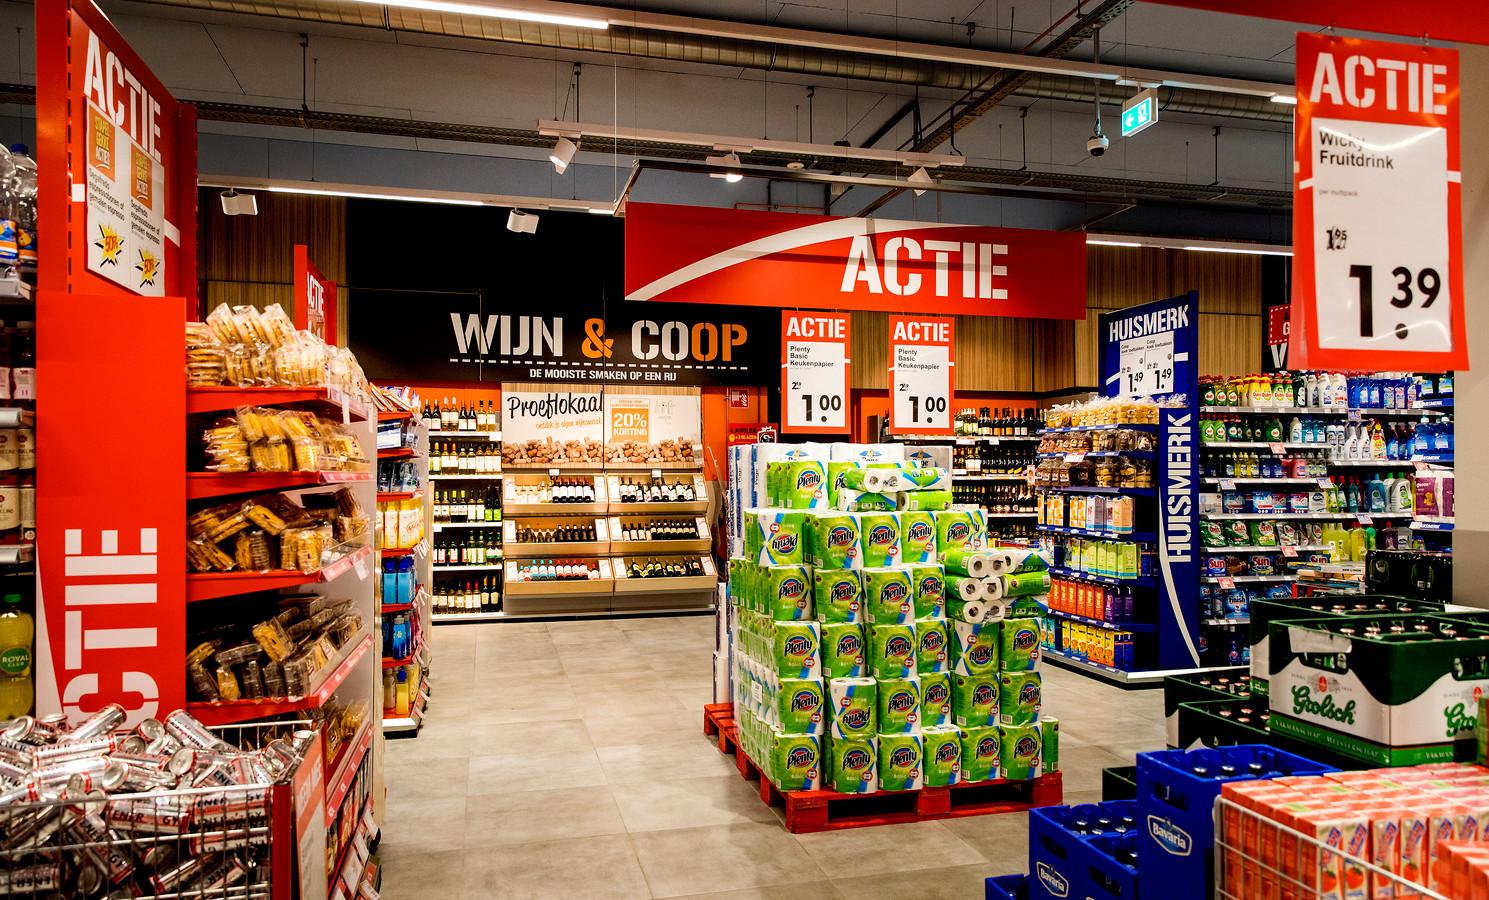 Supermarkt startpagina met aanbiedingen en acties Supermarkt aanbiedingen folders en winkels